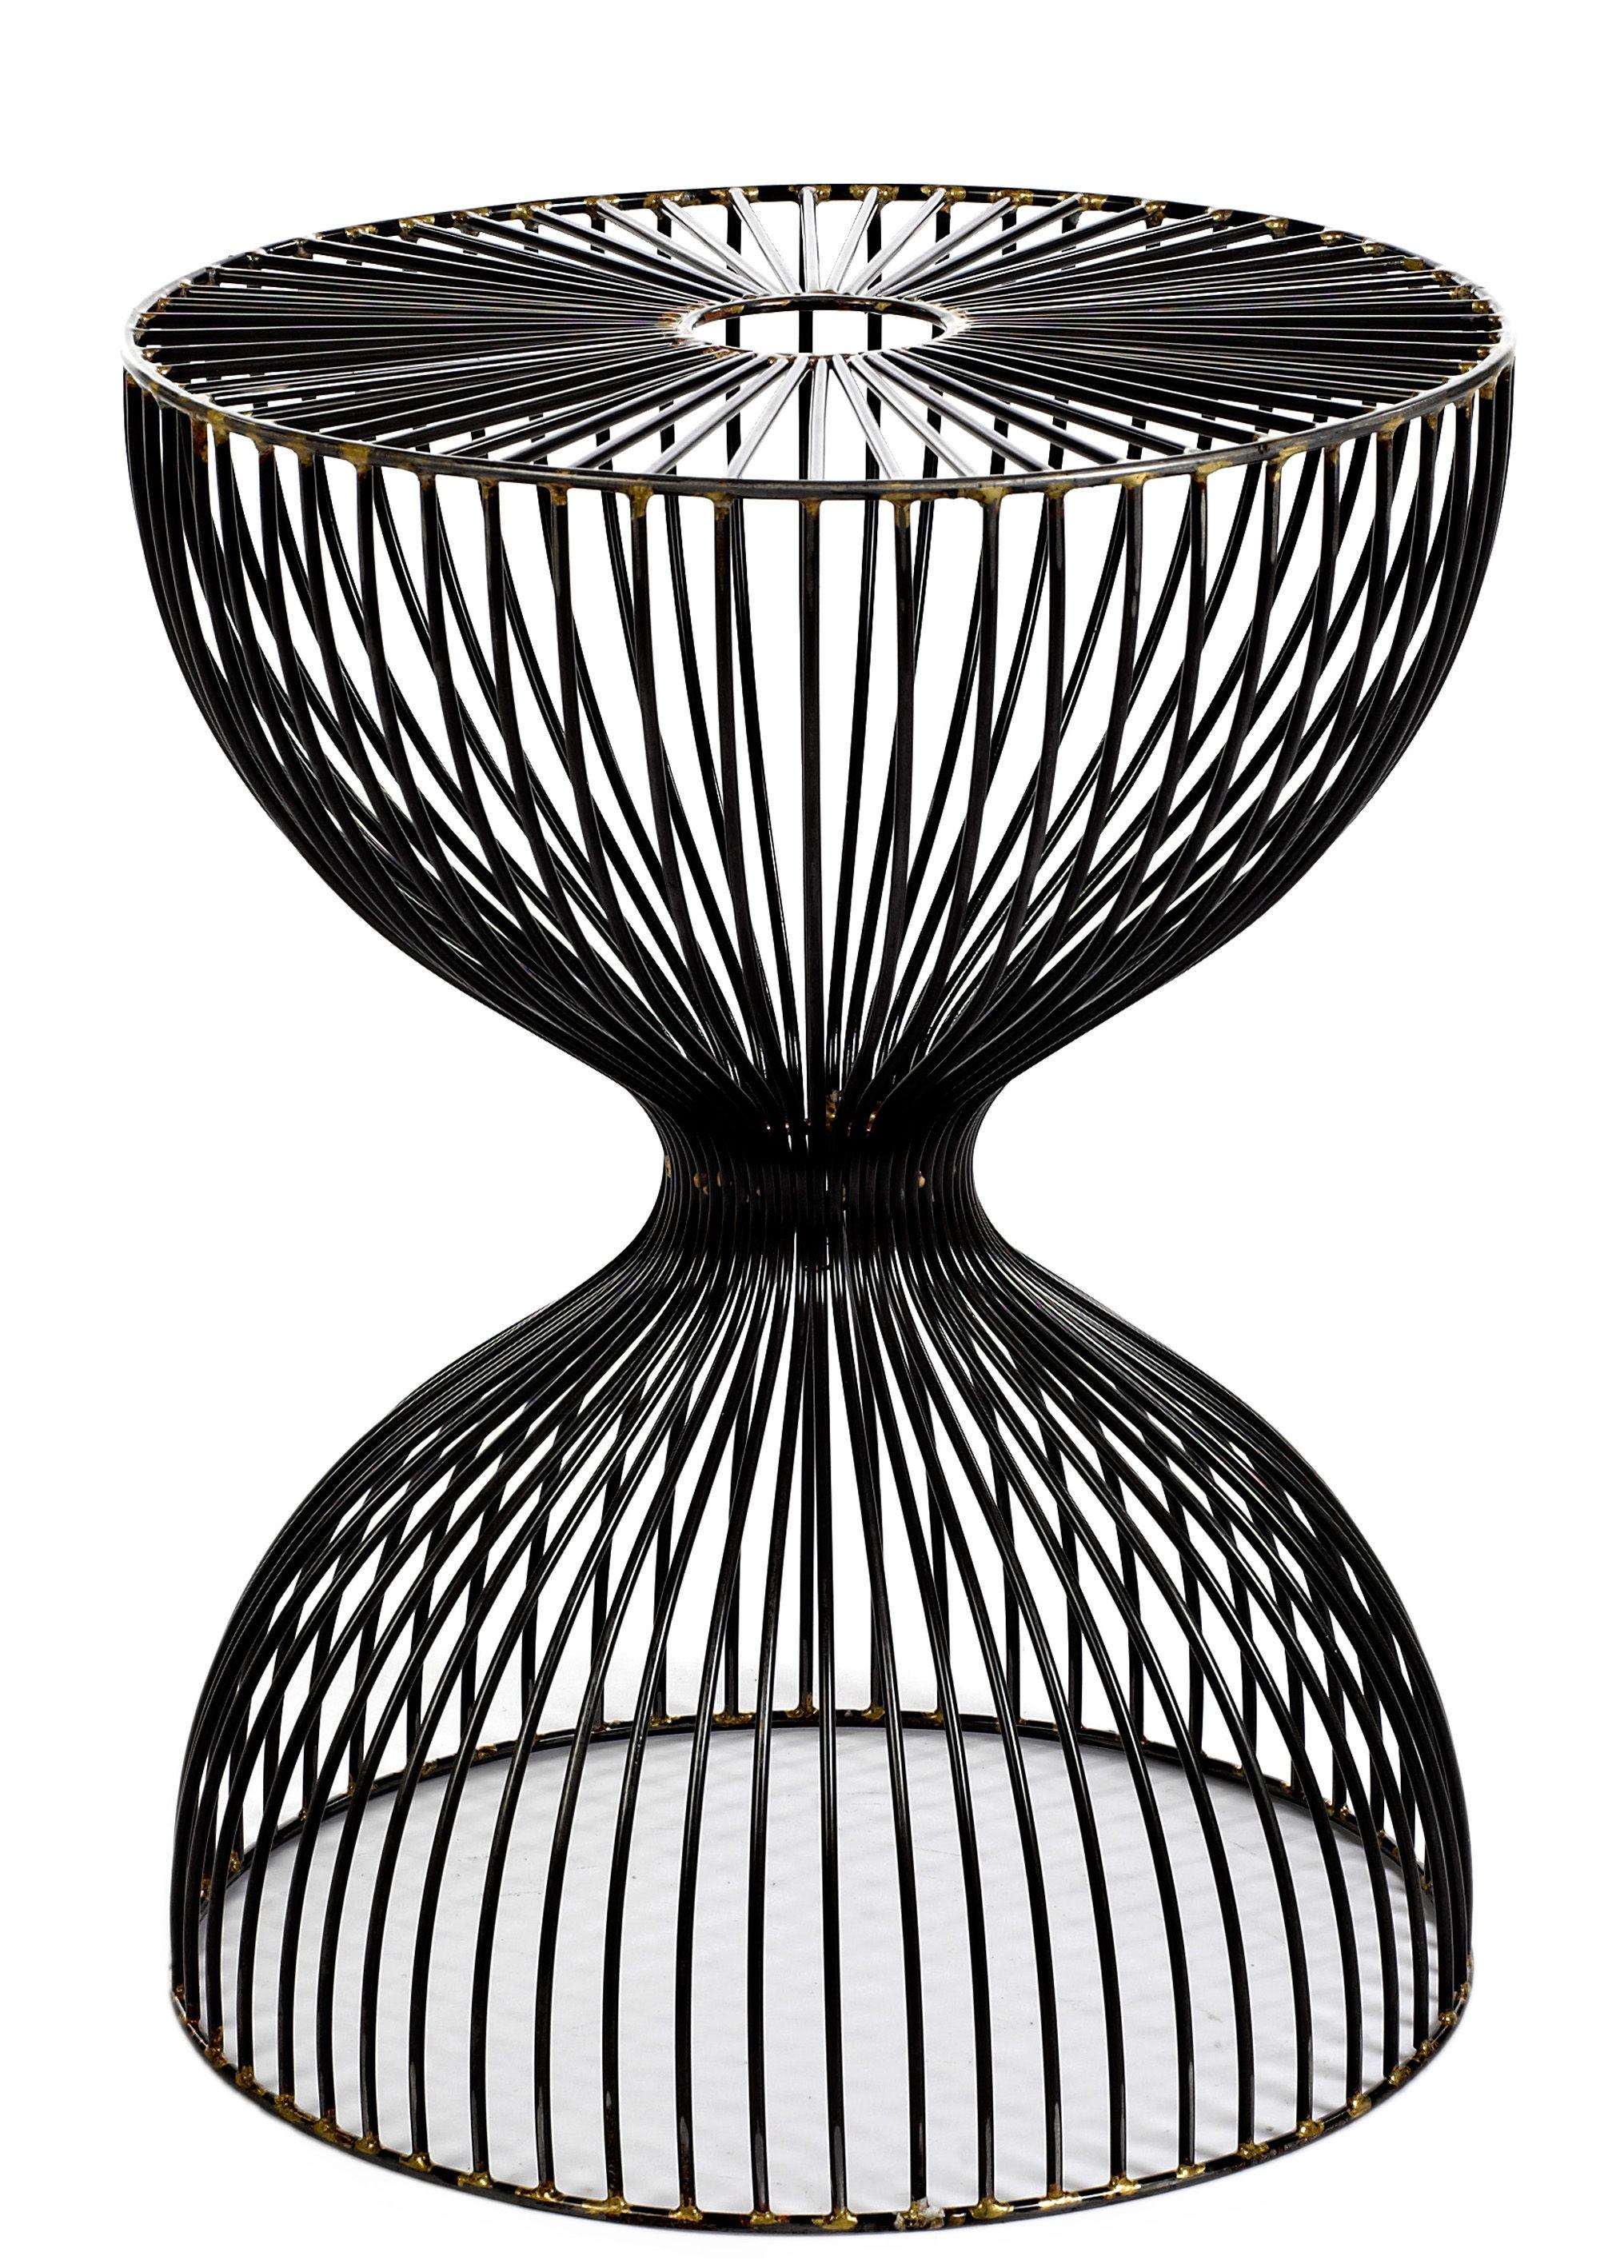 wire dumbbel 35 x h 45 cm pols potten hocker. Black Bedroom Furniture Sets. Home Design Ideas